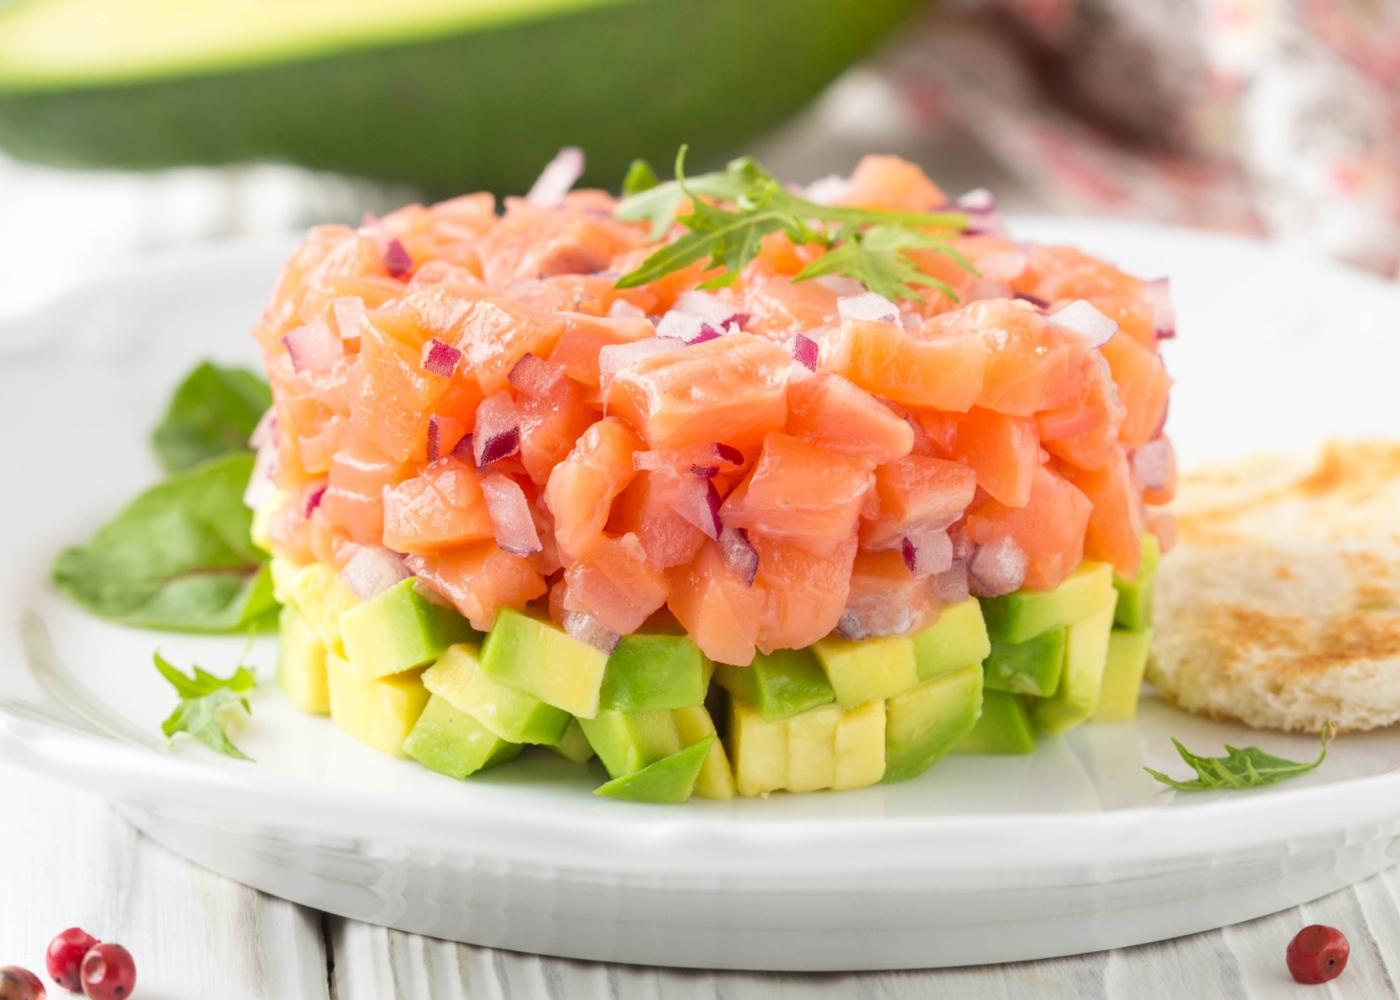 Tártaro de salmão simples